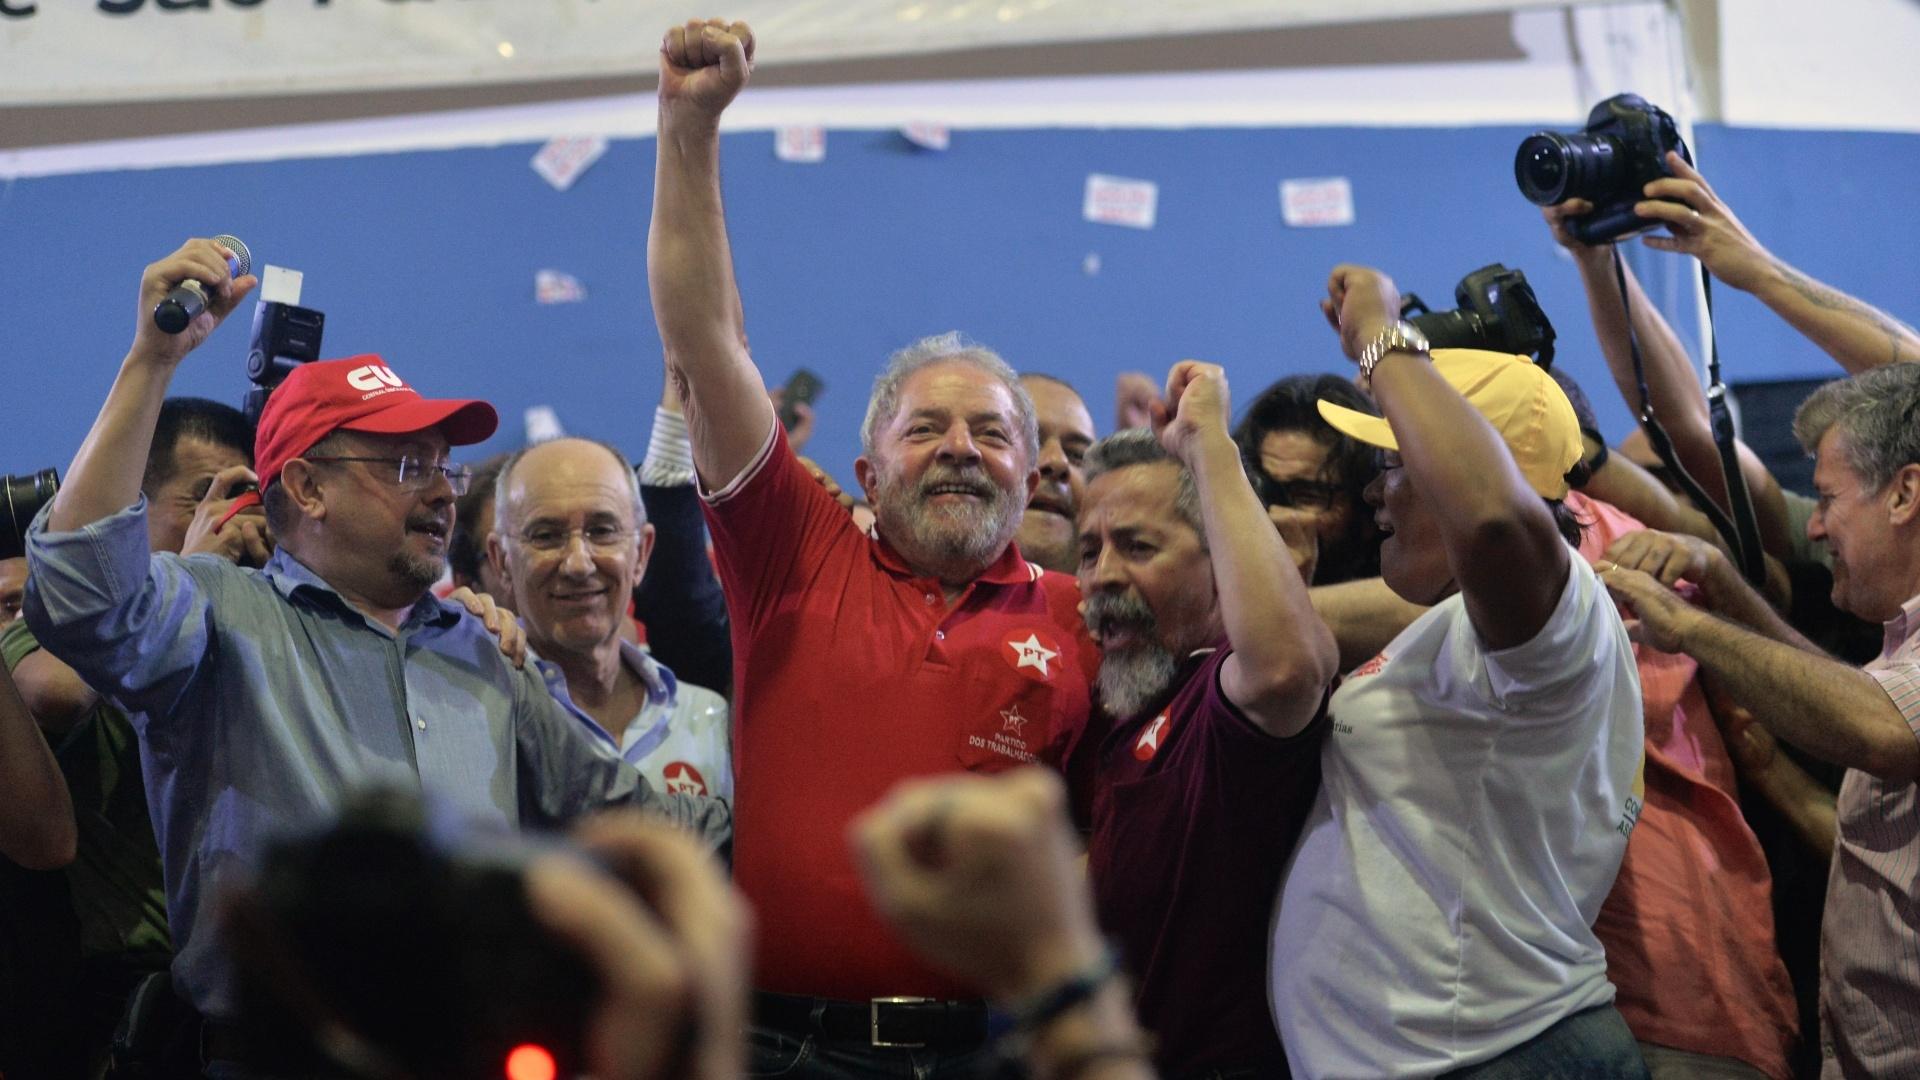 """4.jan.2016 - O ex-presidente Luiz Inácio Lula da Silva (PT) convocou as ruas em seu discurso a militantes no Sindicato dos Bancários, em São Paulo (SP). Após ser forçado a prestar depoimento na Polícia Federal e ser alvo da 24ª fase da Operação Lava Jato, Lula afirmou que está disposto a viajar do Norte a Sul do Brasil a partir de segunda. """"Se precisam de alguém para animar nossa tropa, o animador está aqui"""", declarou"""